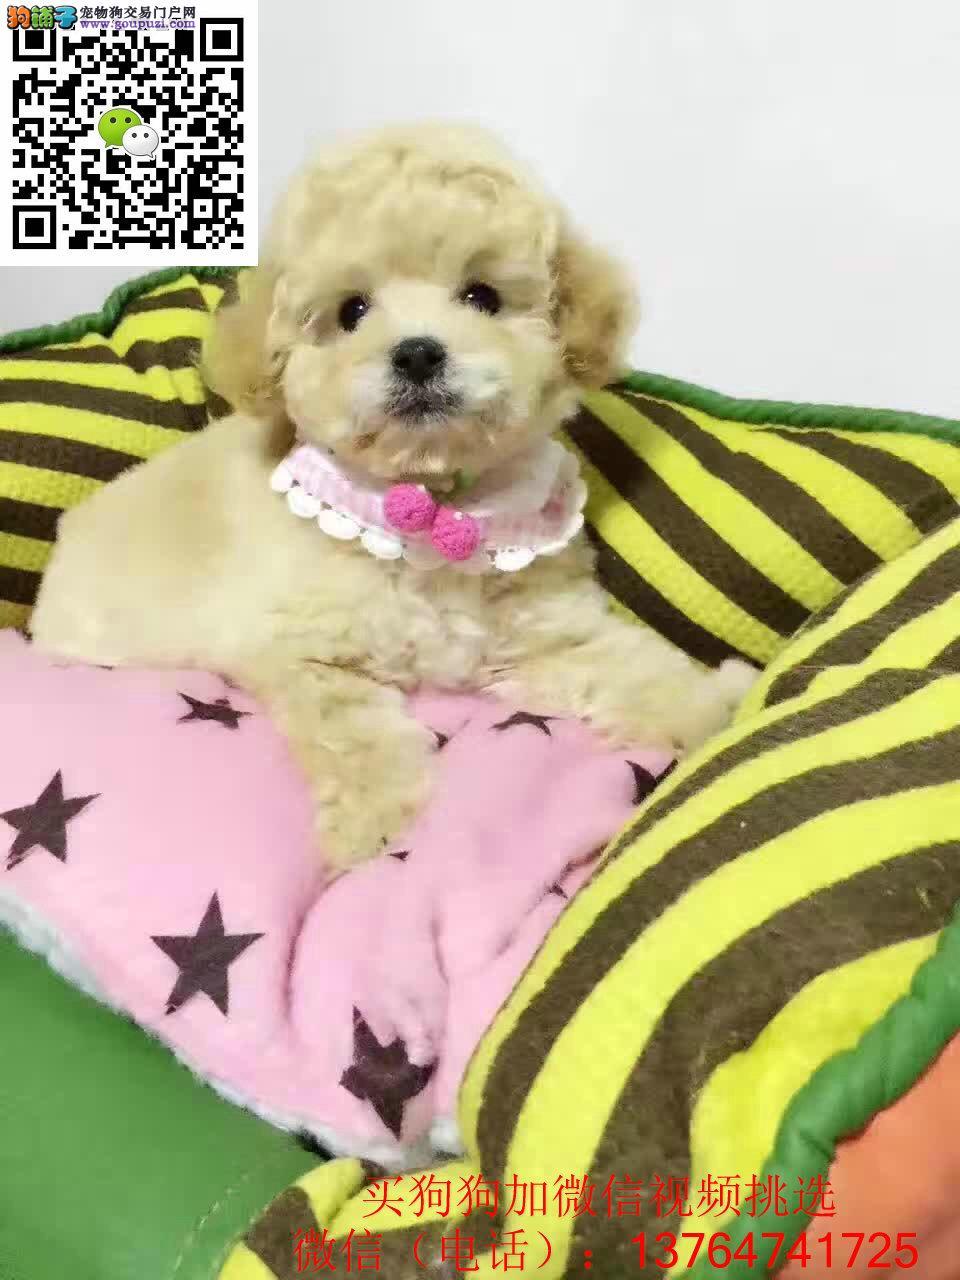 深圳泰迪犬价格出售 深圳泰迪幼犬多少钱